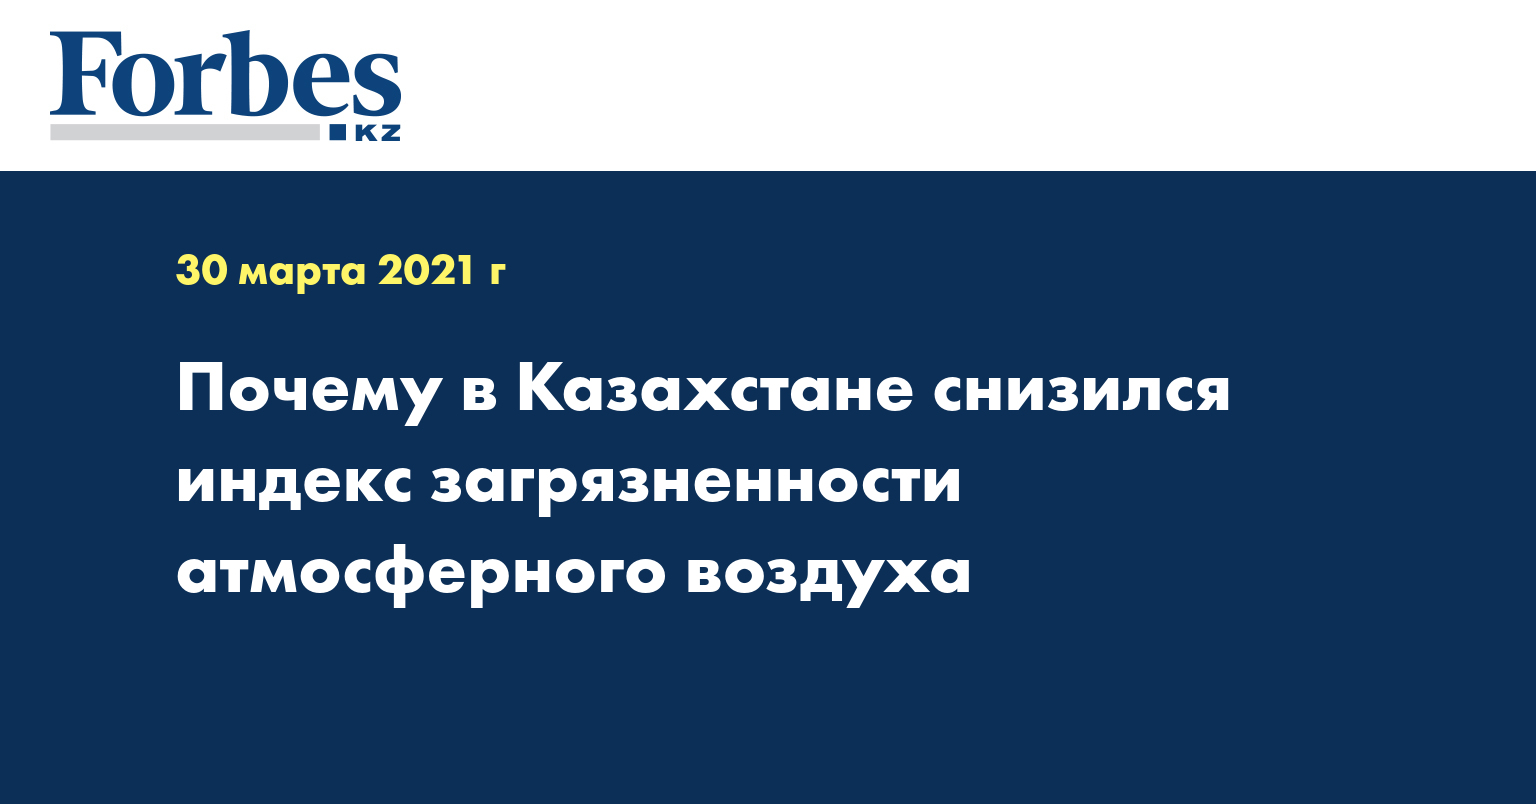 Почему в Казахстане снизился индекс загрязненности атмосферного воздуха